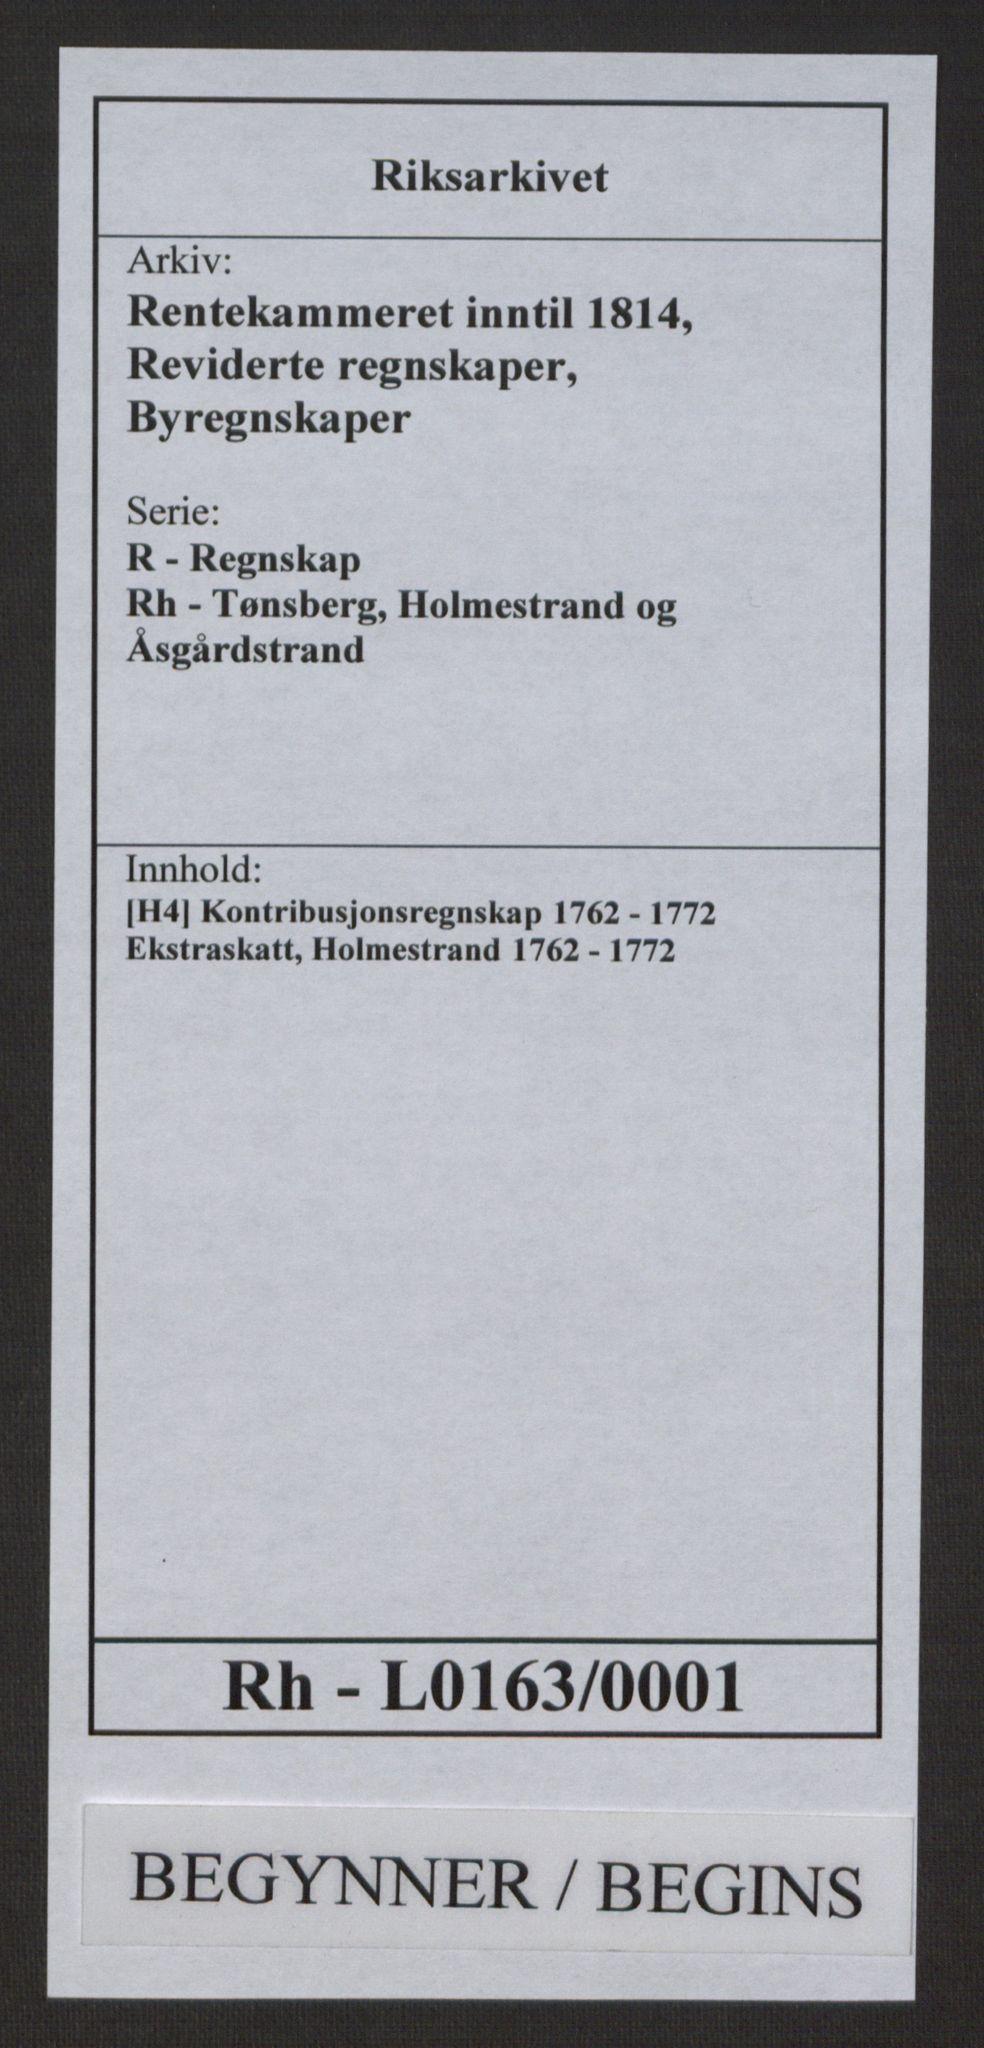 RA, Rentekammeret inntil 1814, Reviderte regnskaper, Byregnskaper, R/Rh/L0163: [H4] Kontribusjonsregnskap, 1762-1772, s. 1